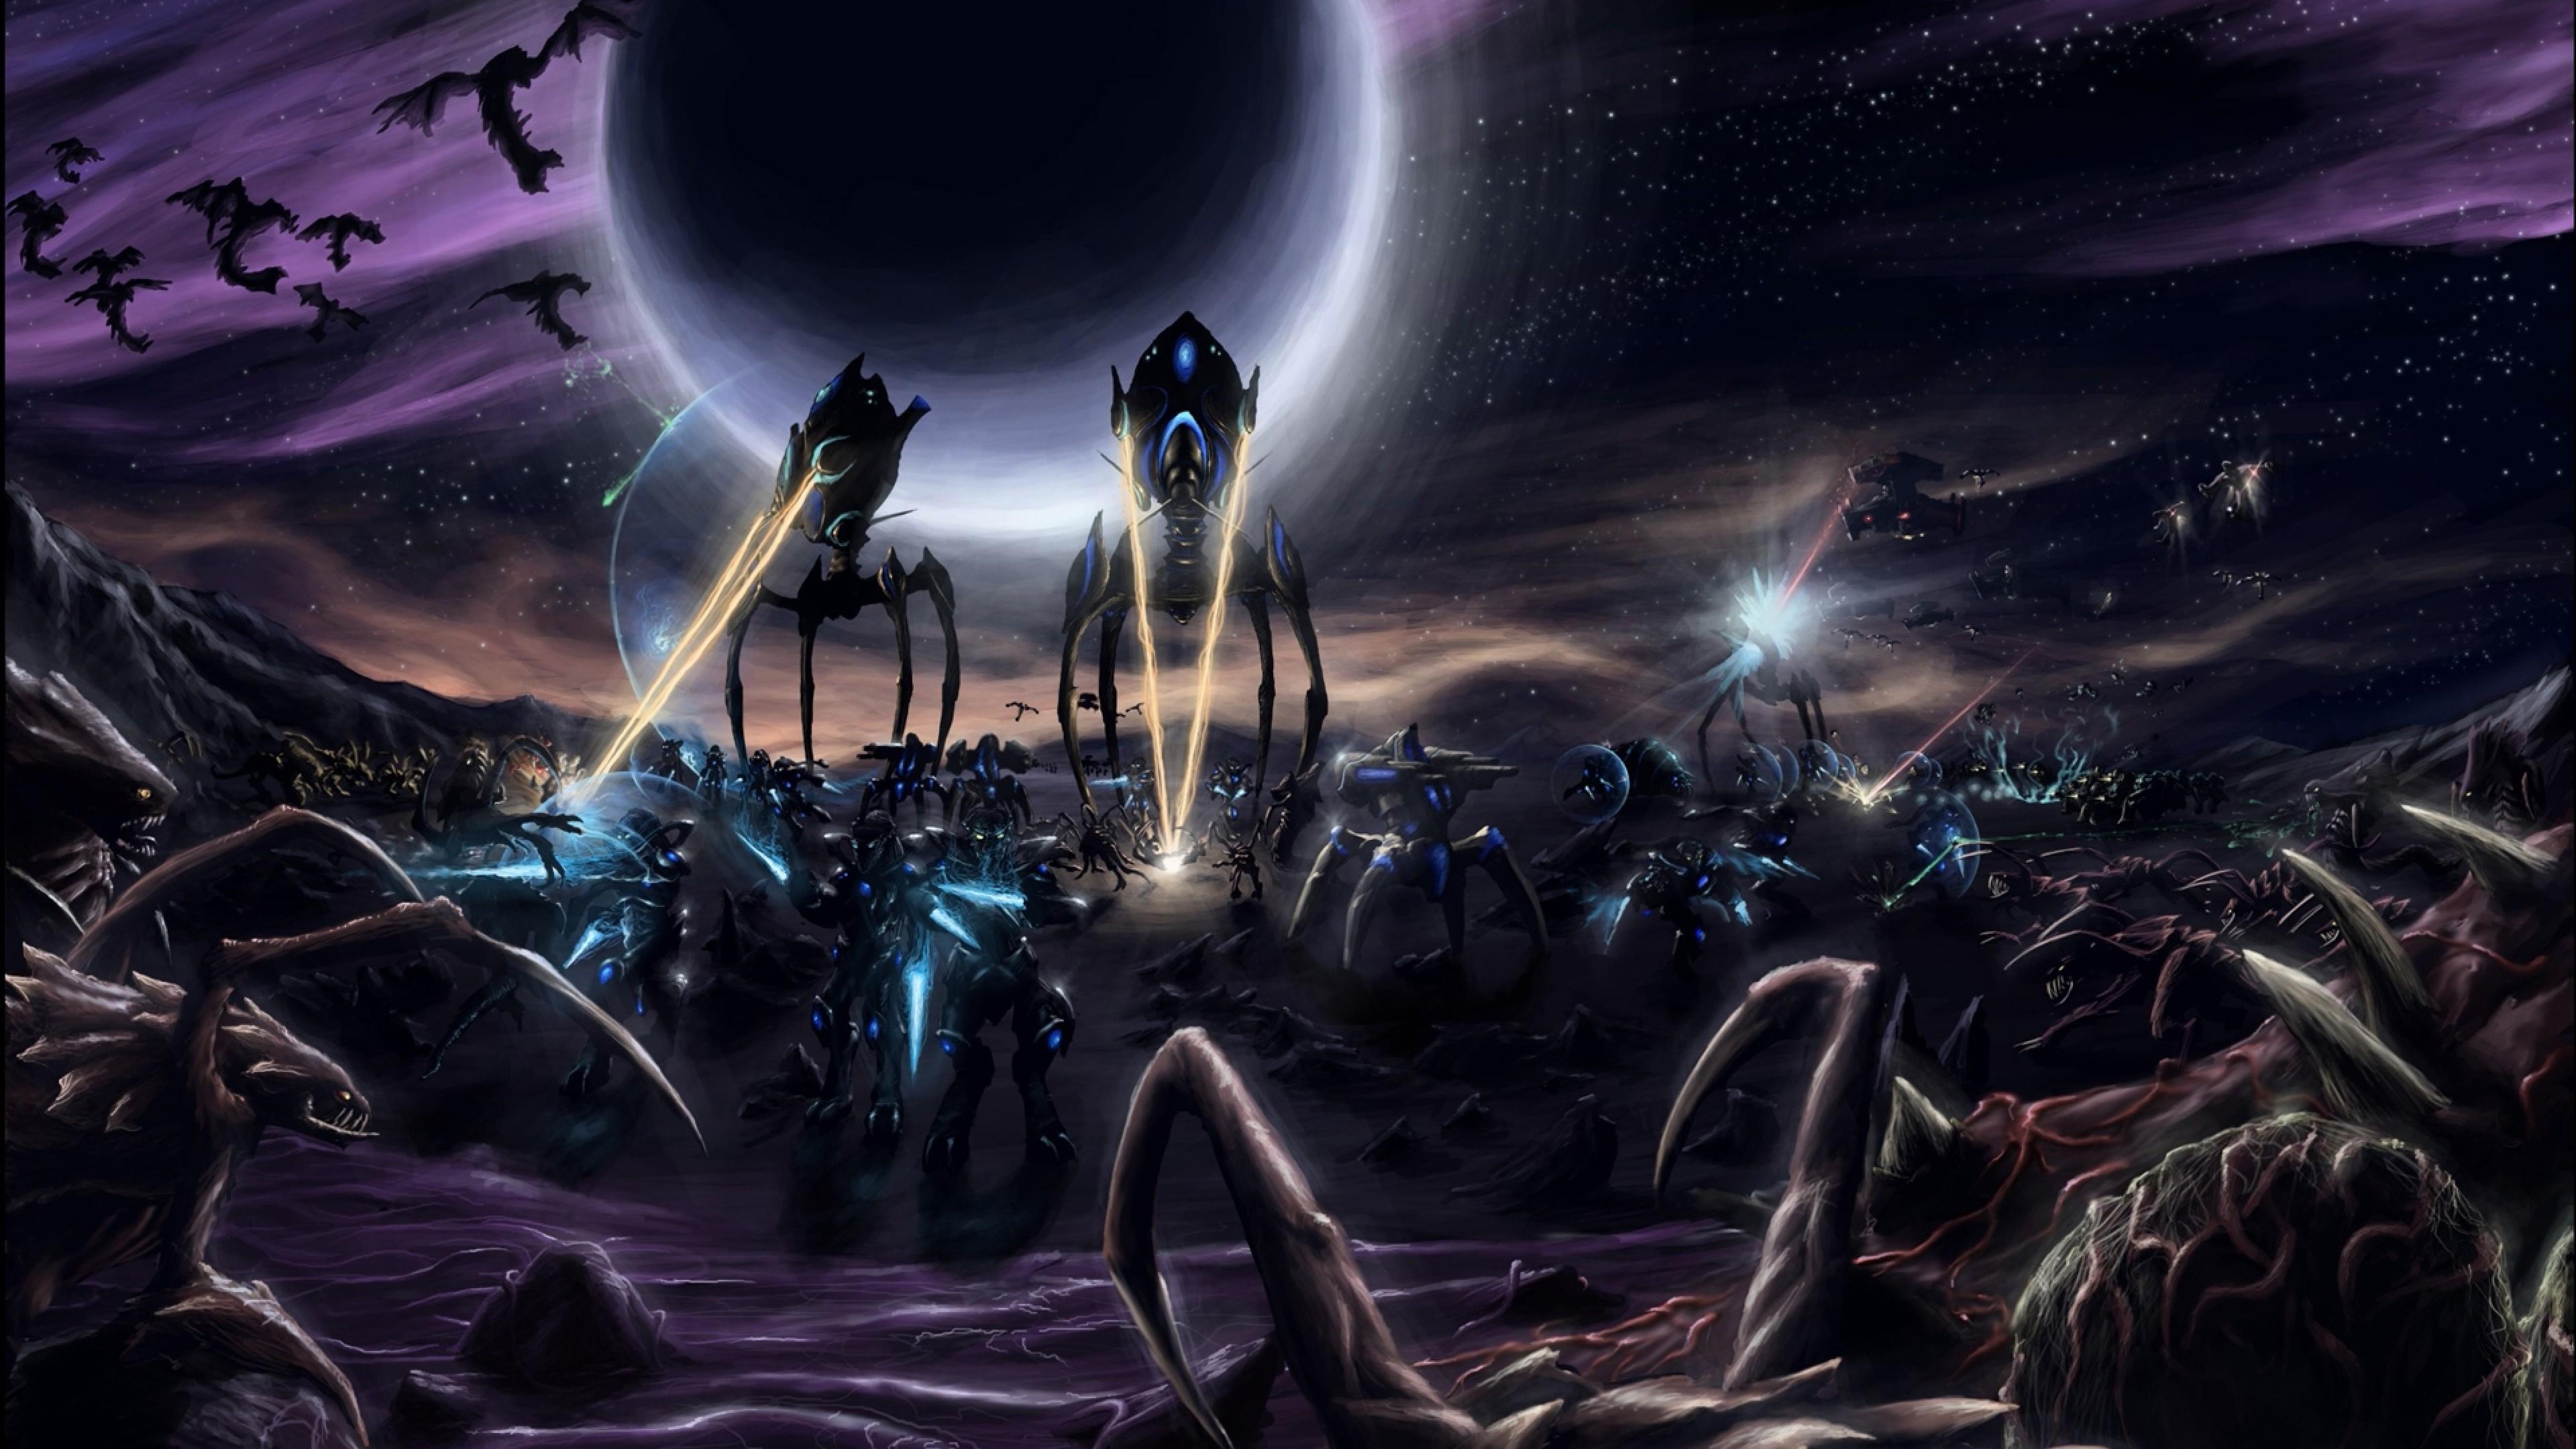 4k ultra hd space wallpaper 32 images - Starcraft 2 wallpaper art ...